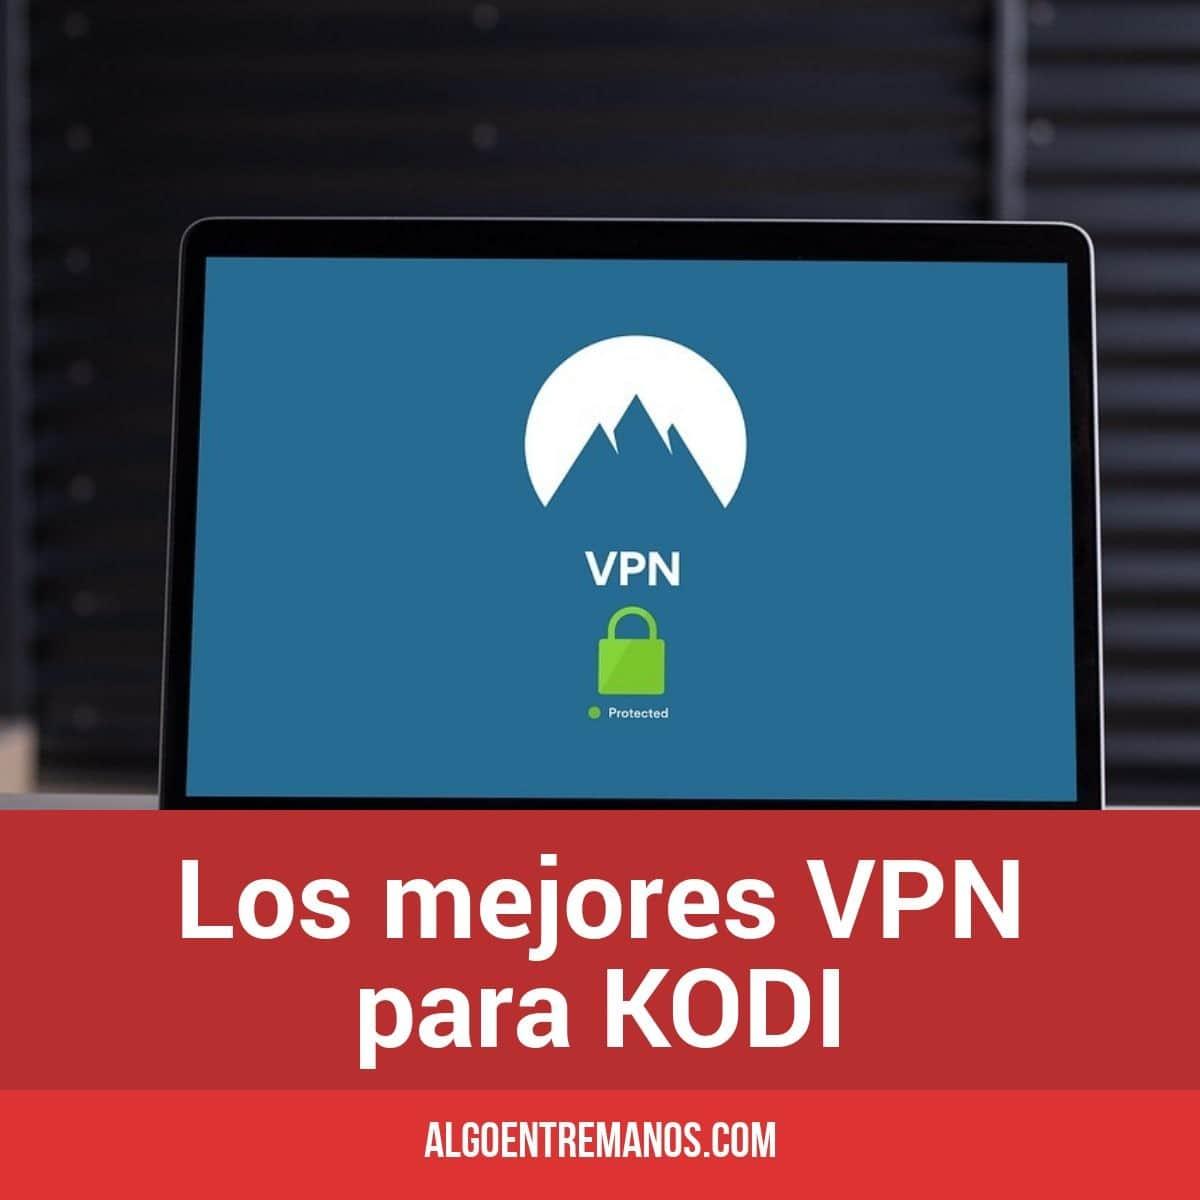 Los mejores VPN para KODI